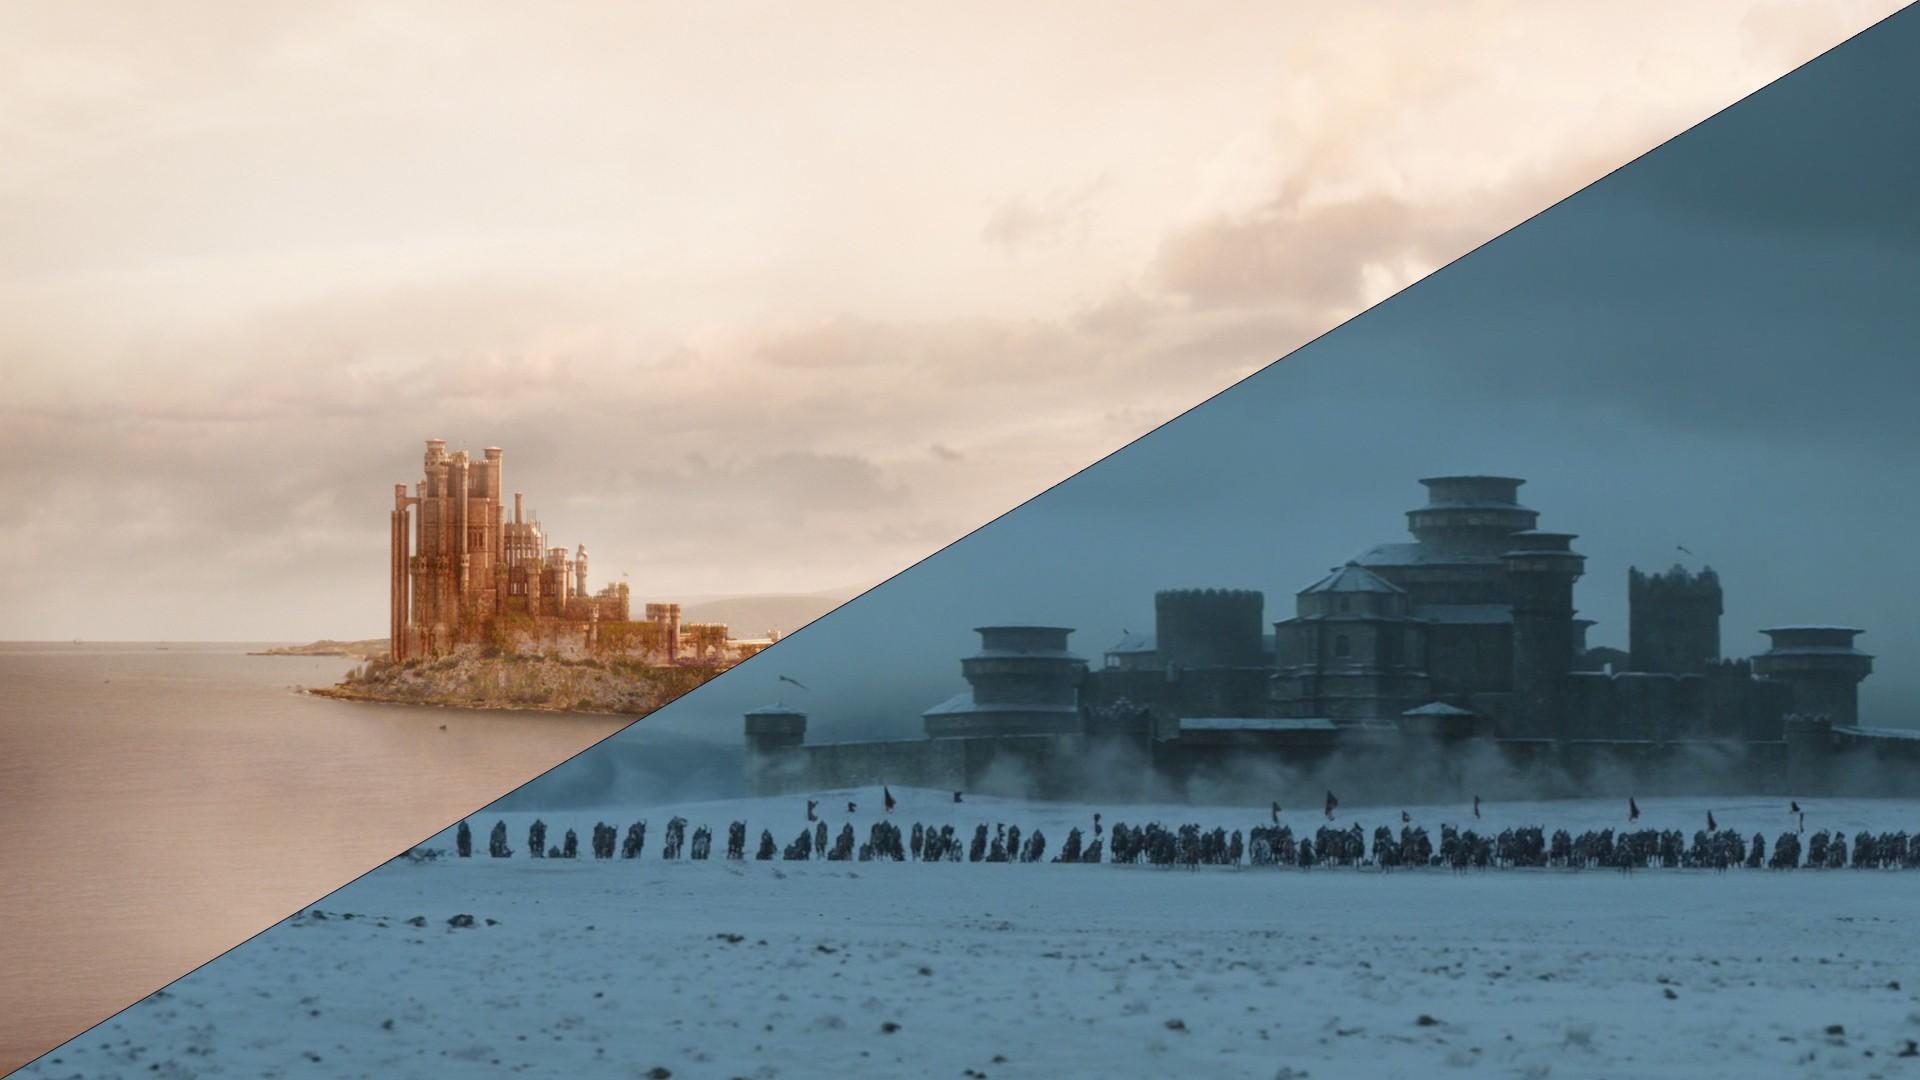 海 水 建物 反射 空 落ち着いた スカイライン 地平線 ゲーム・オブ・スローンズ ハウススターク